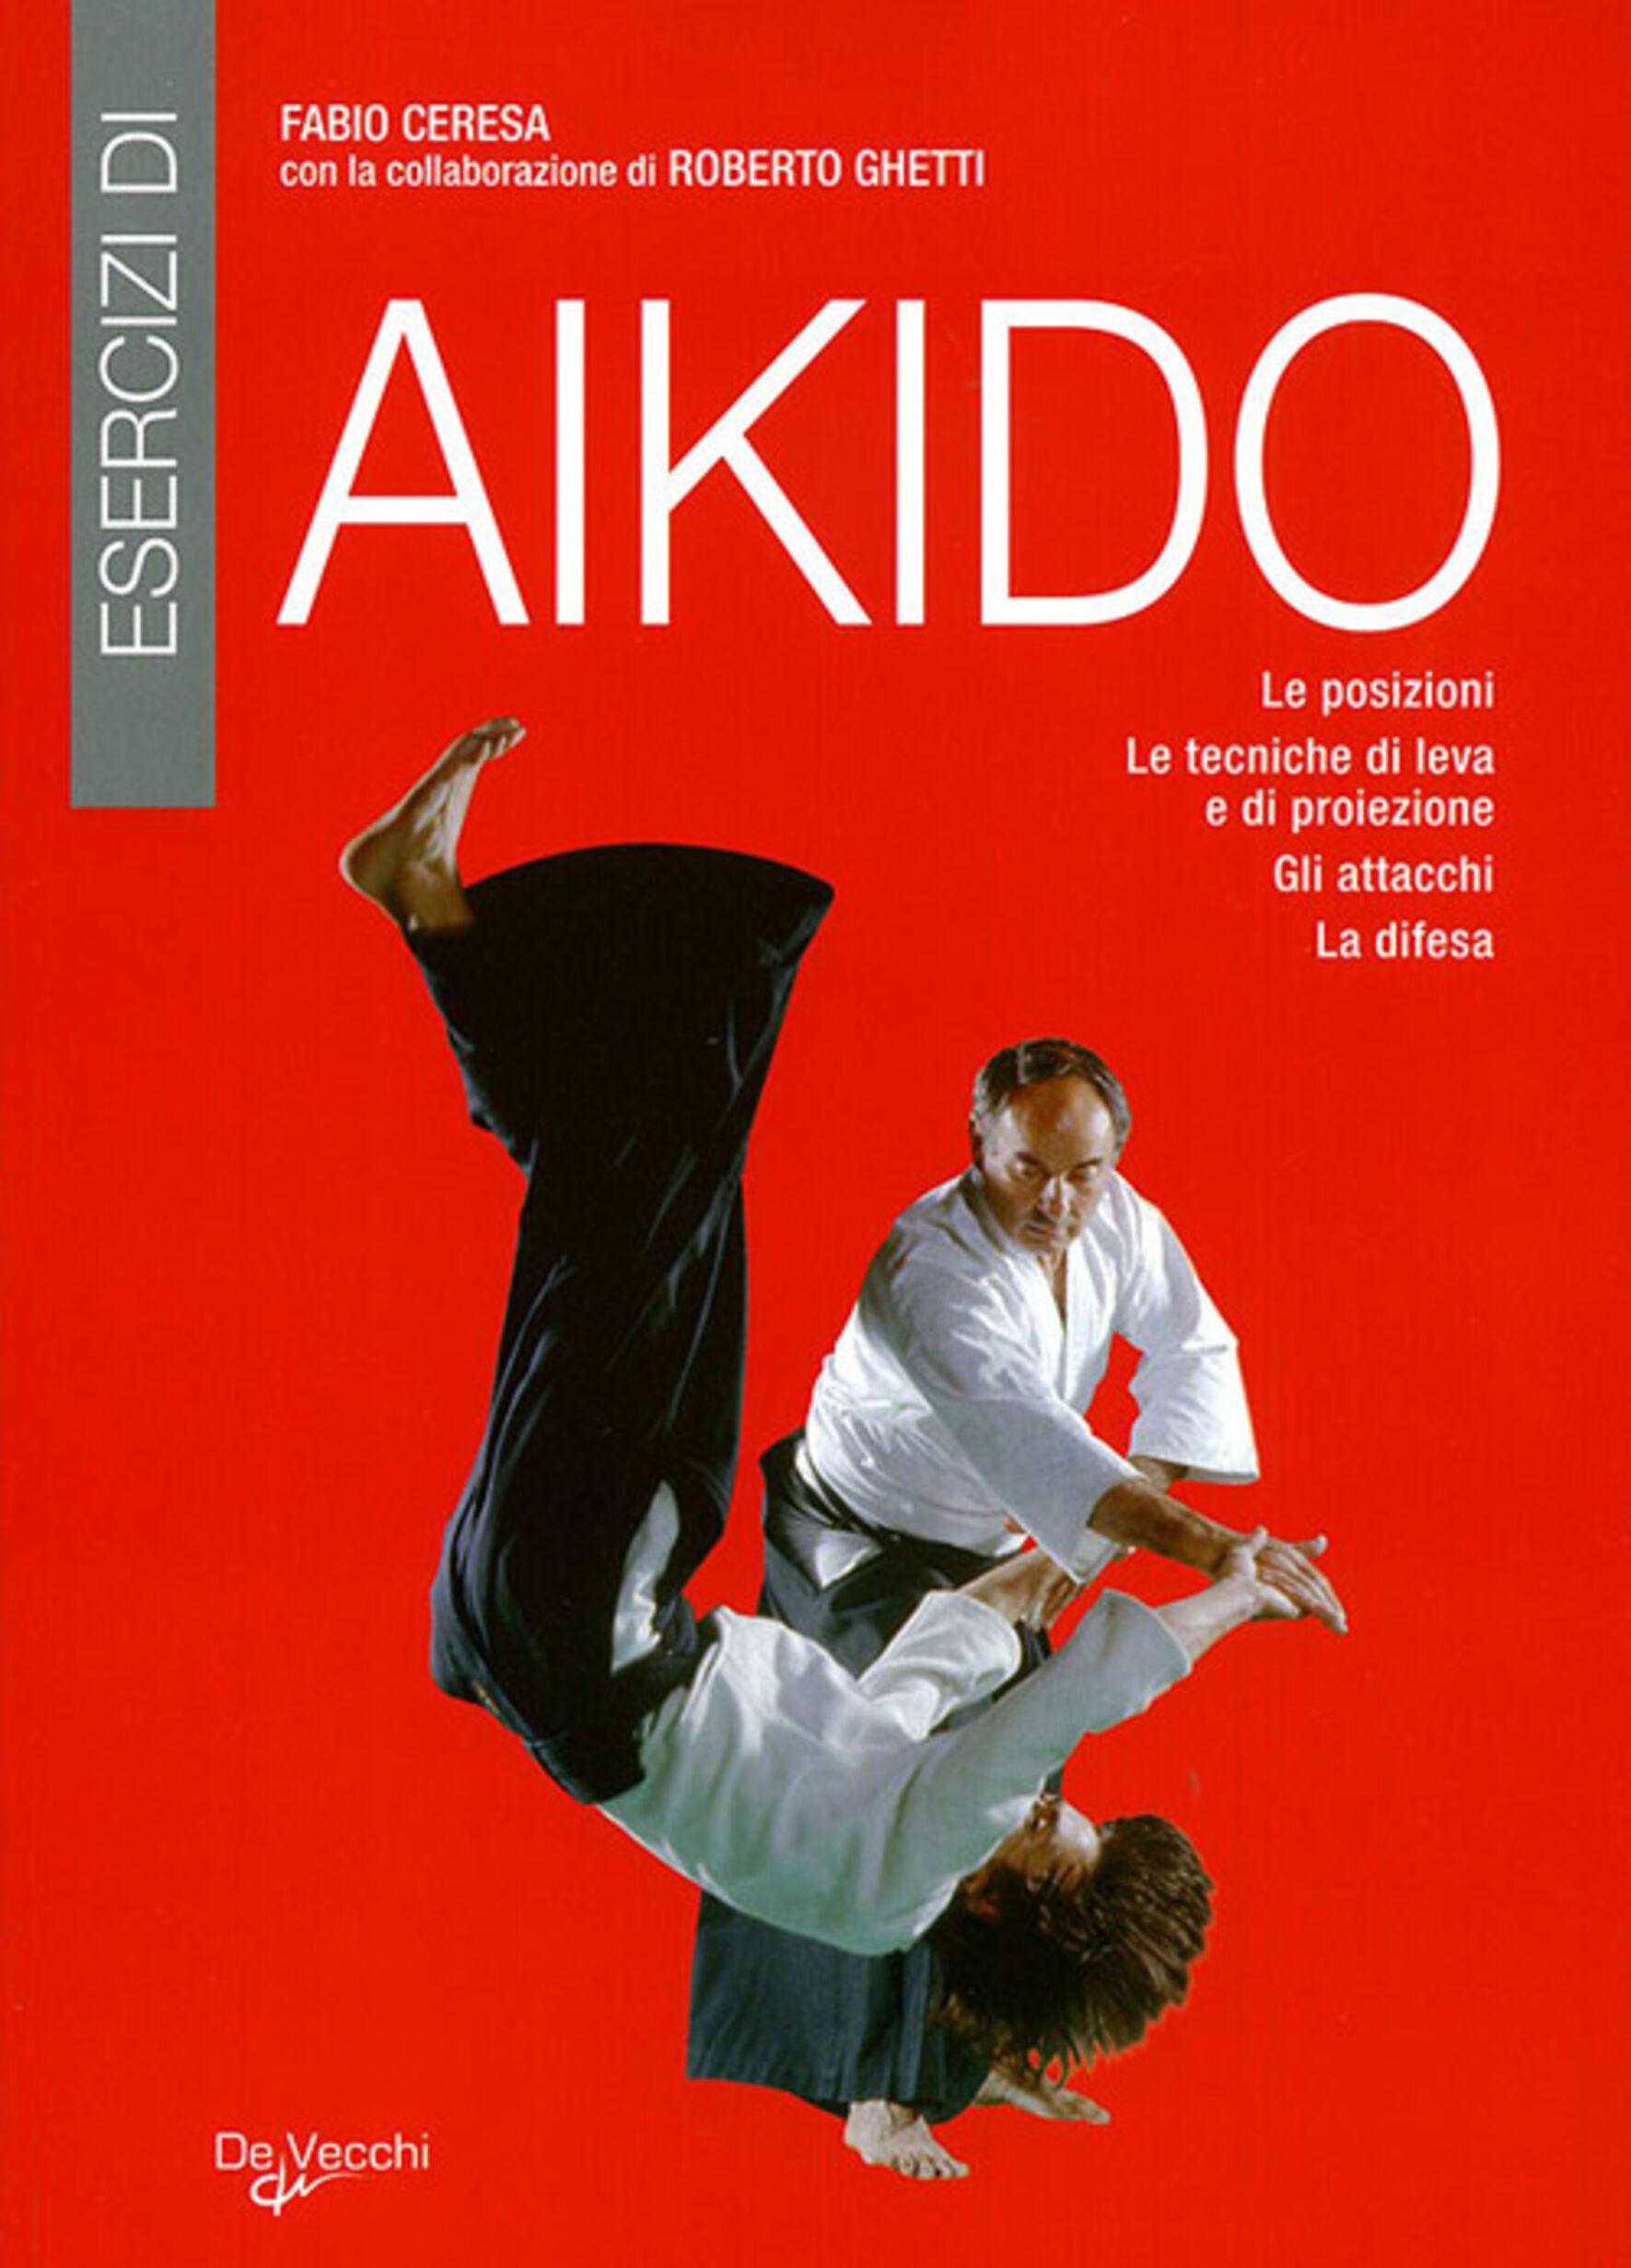 Esercizi di aikido. Le posizioni. Le tecniche di leva e di proiezione. Gli attacchi. La difesa